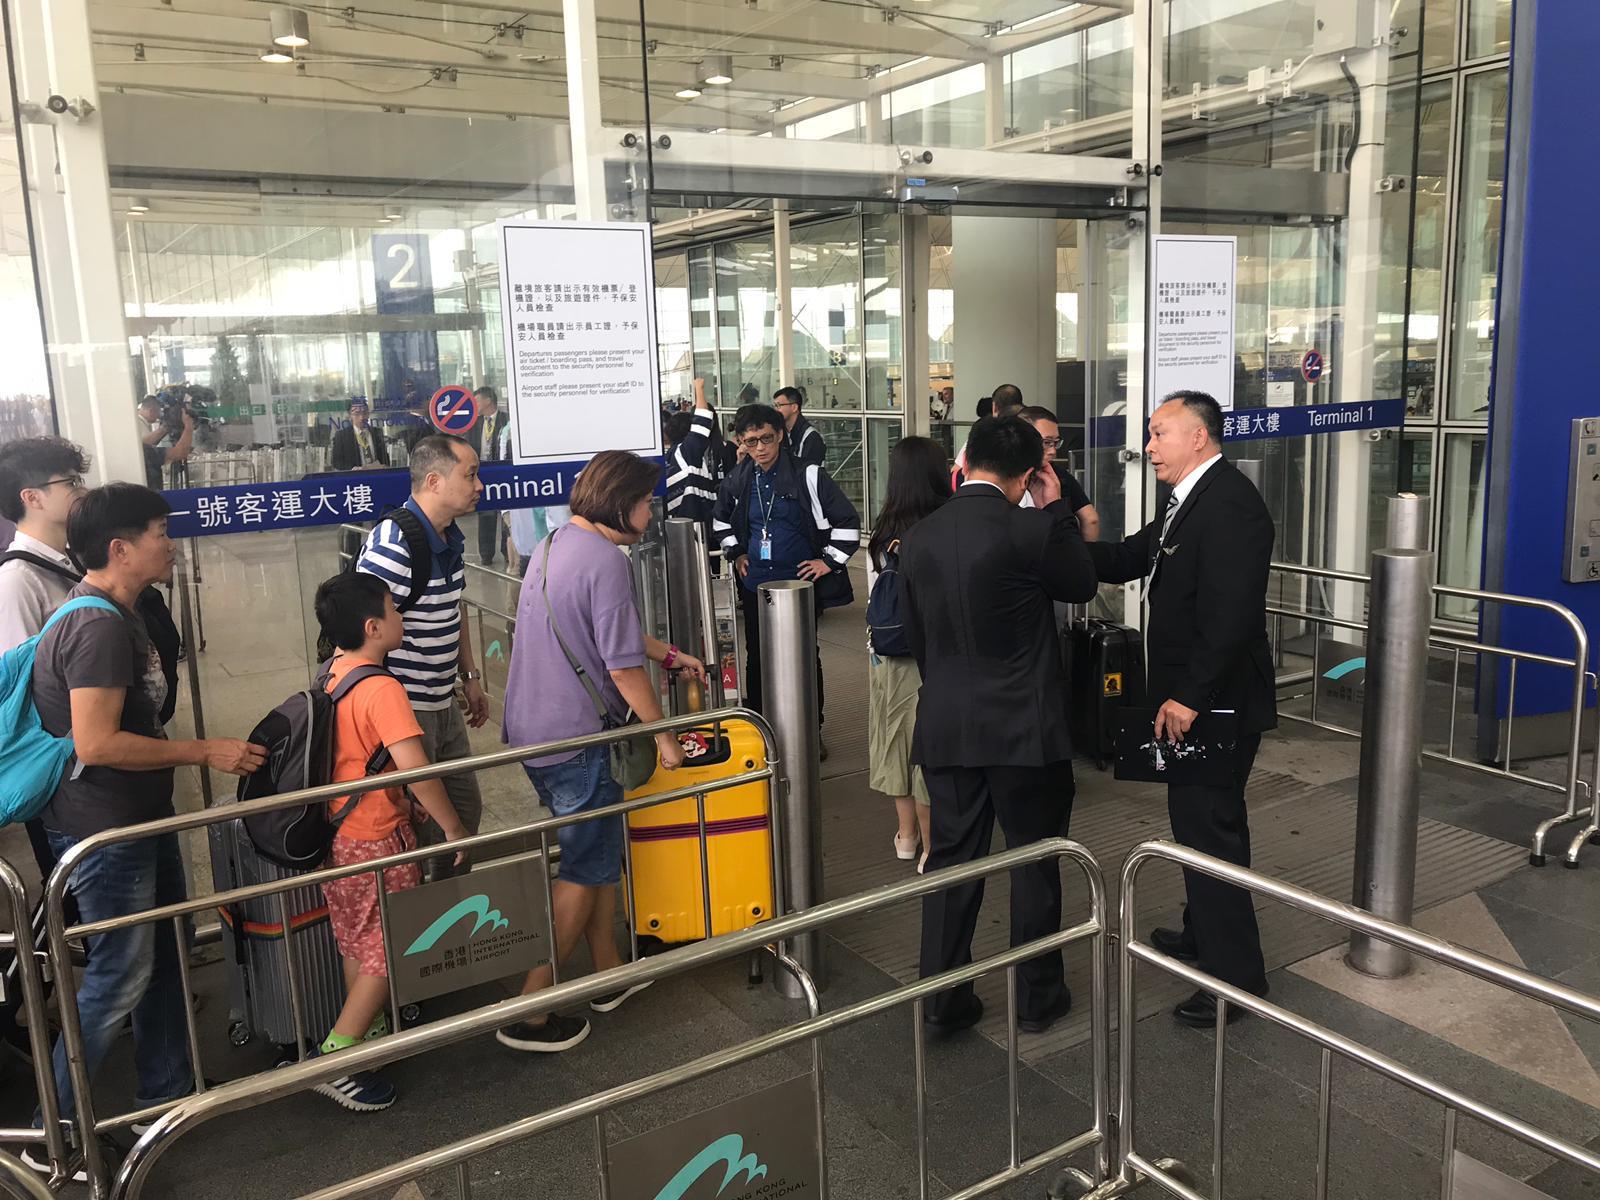 【機場集會】機管局貼禁制令 機場客運大樓實施進出管制安排